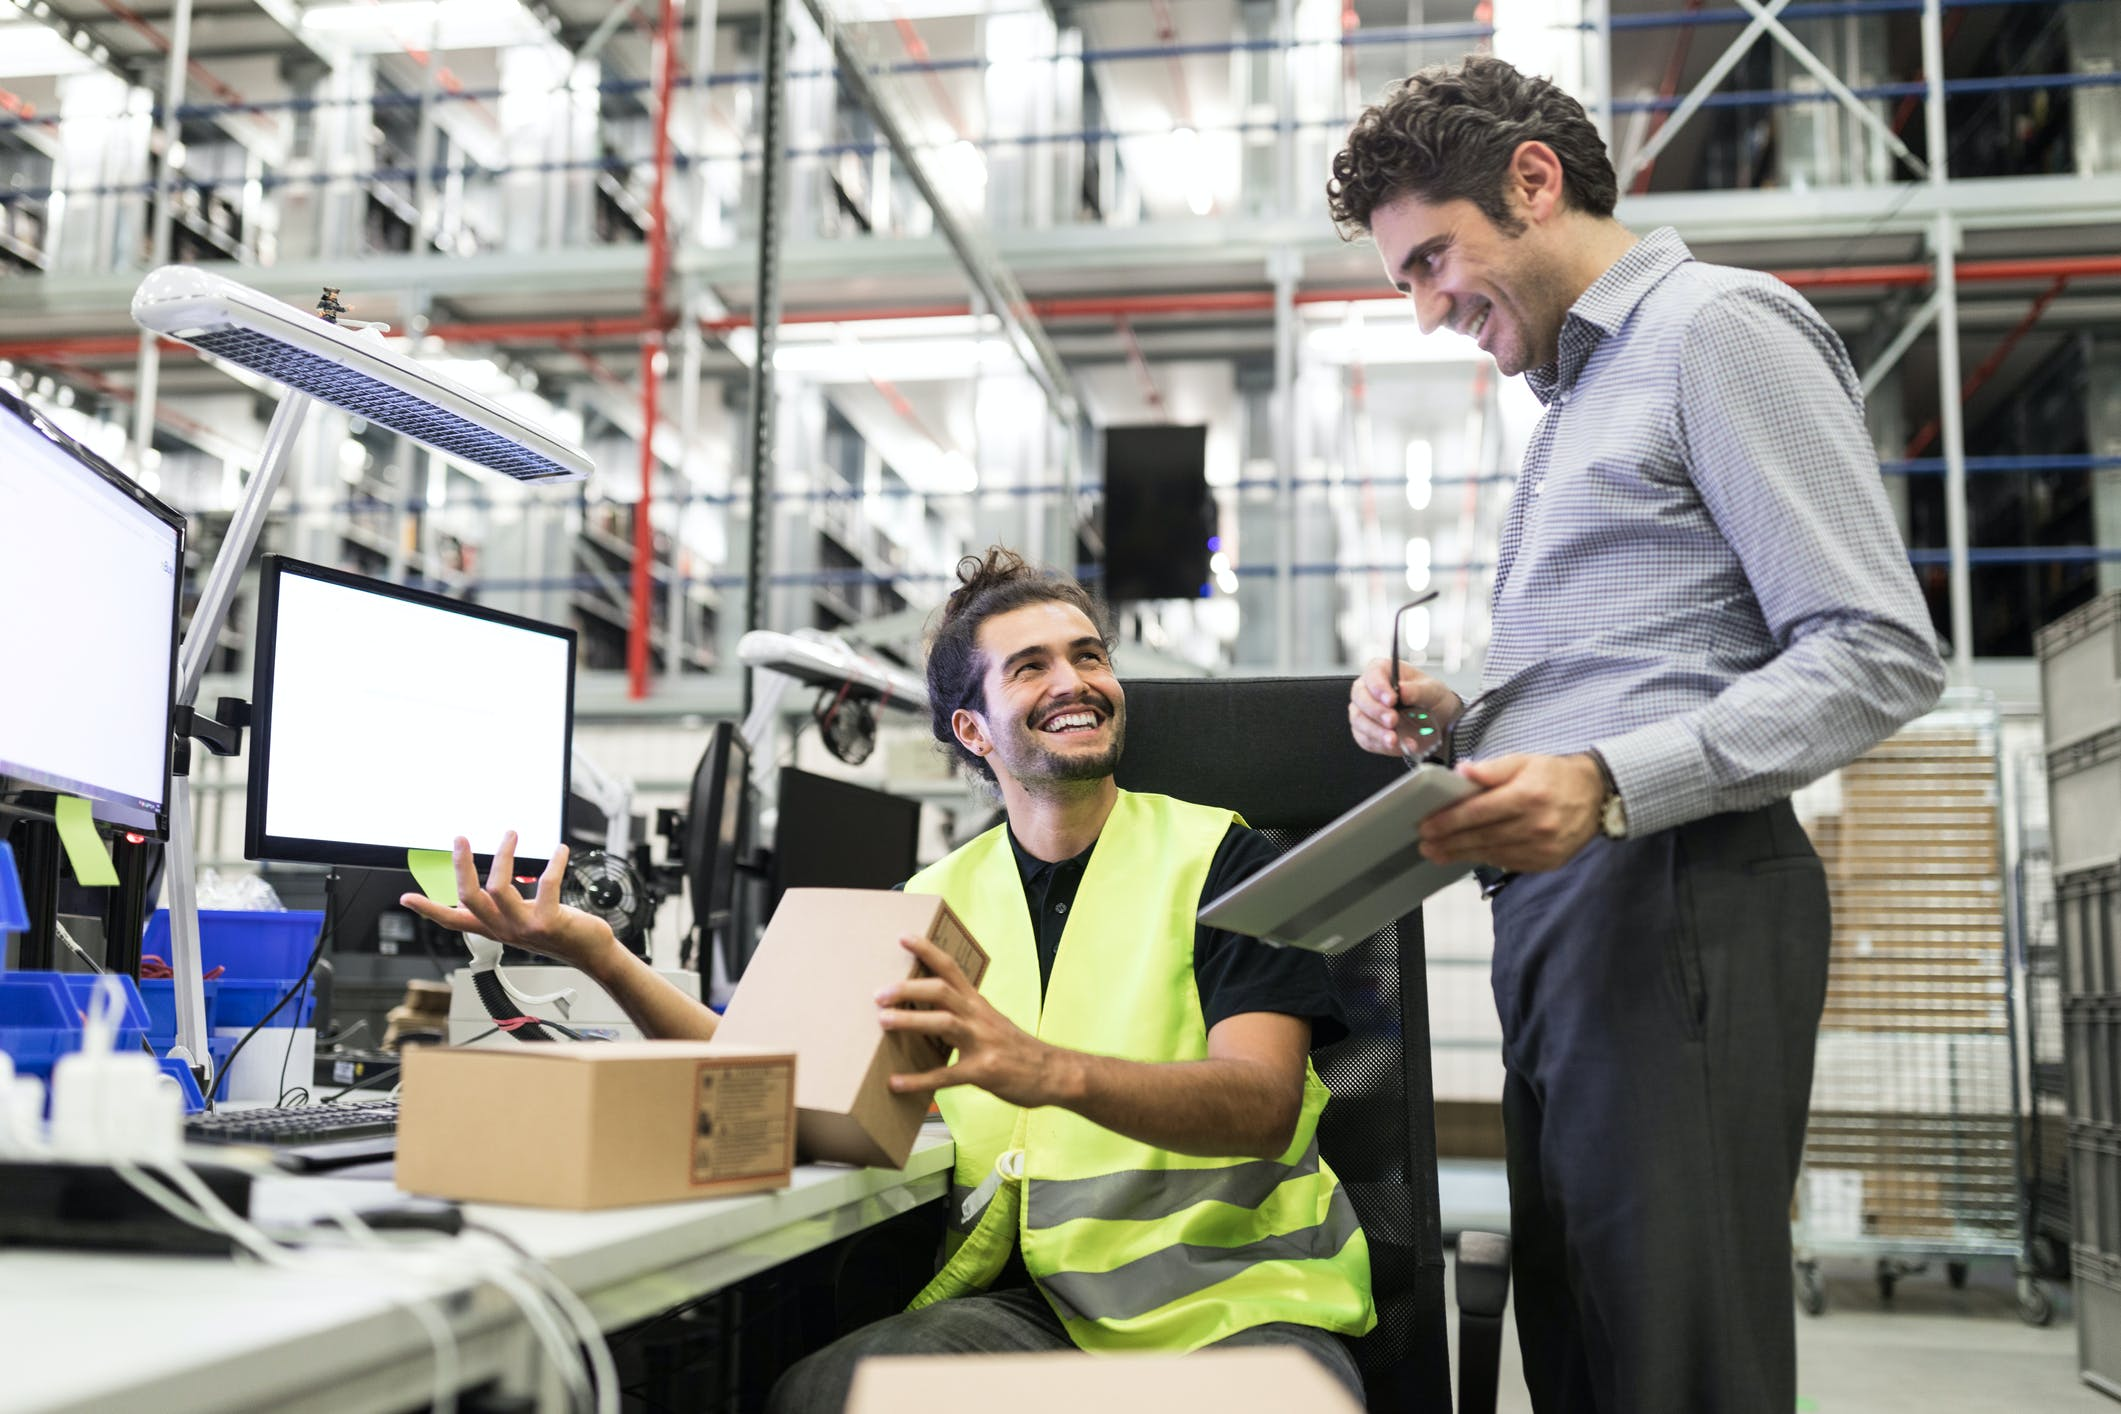 Employé épanoui aux côtés de son supérieur dans un entrepôt automatisé.